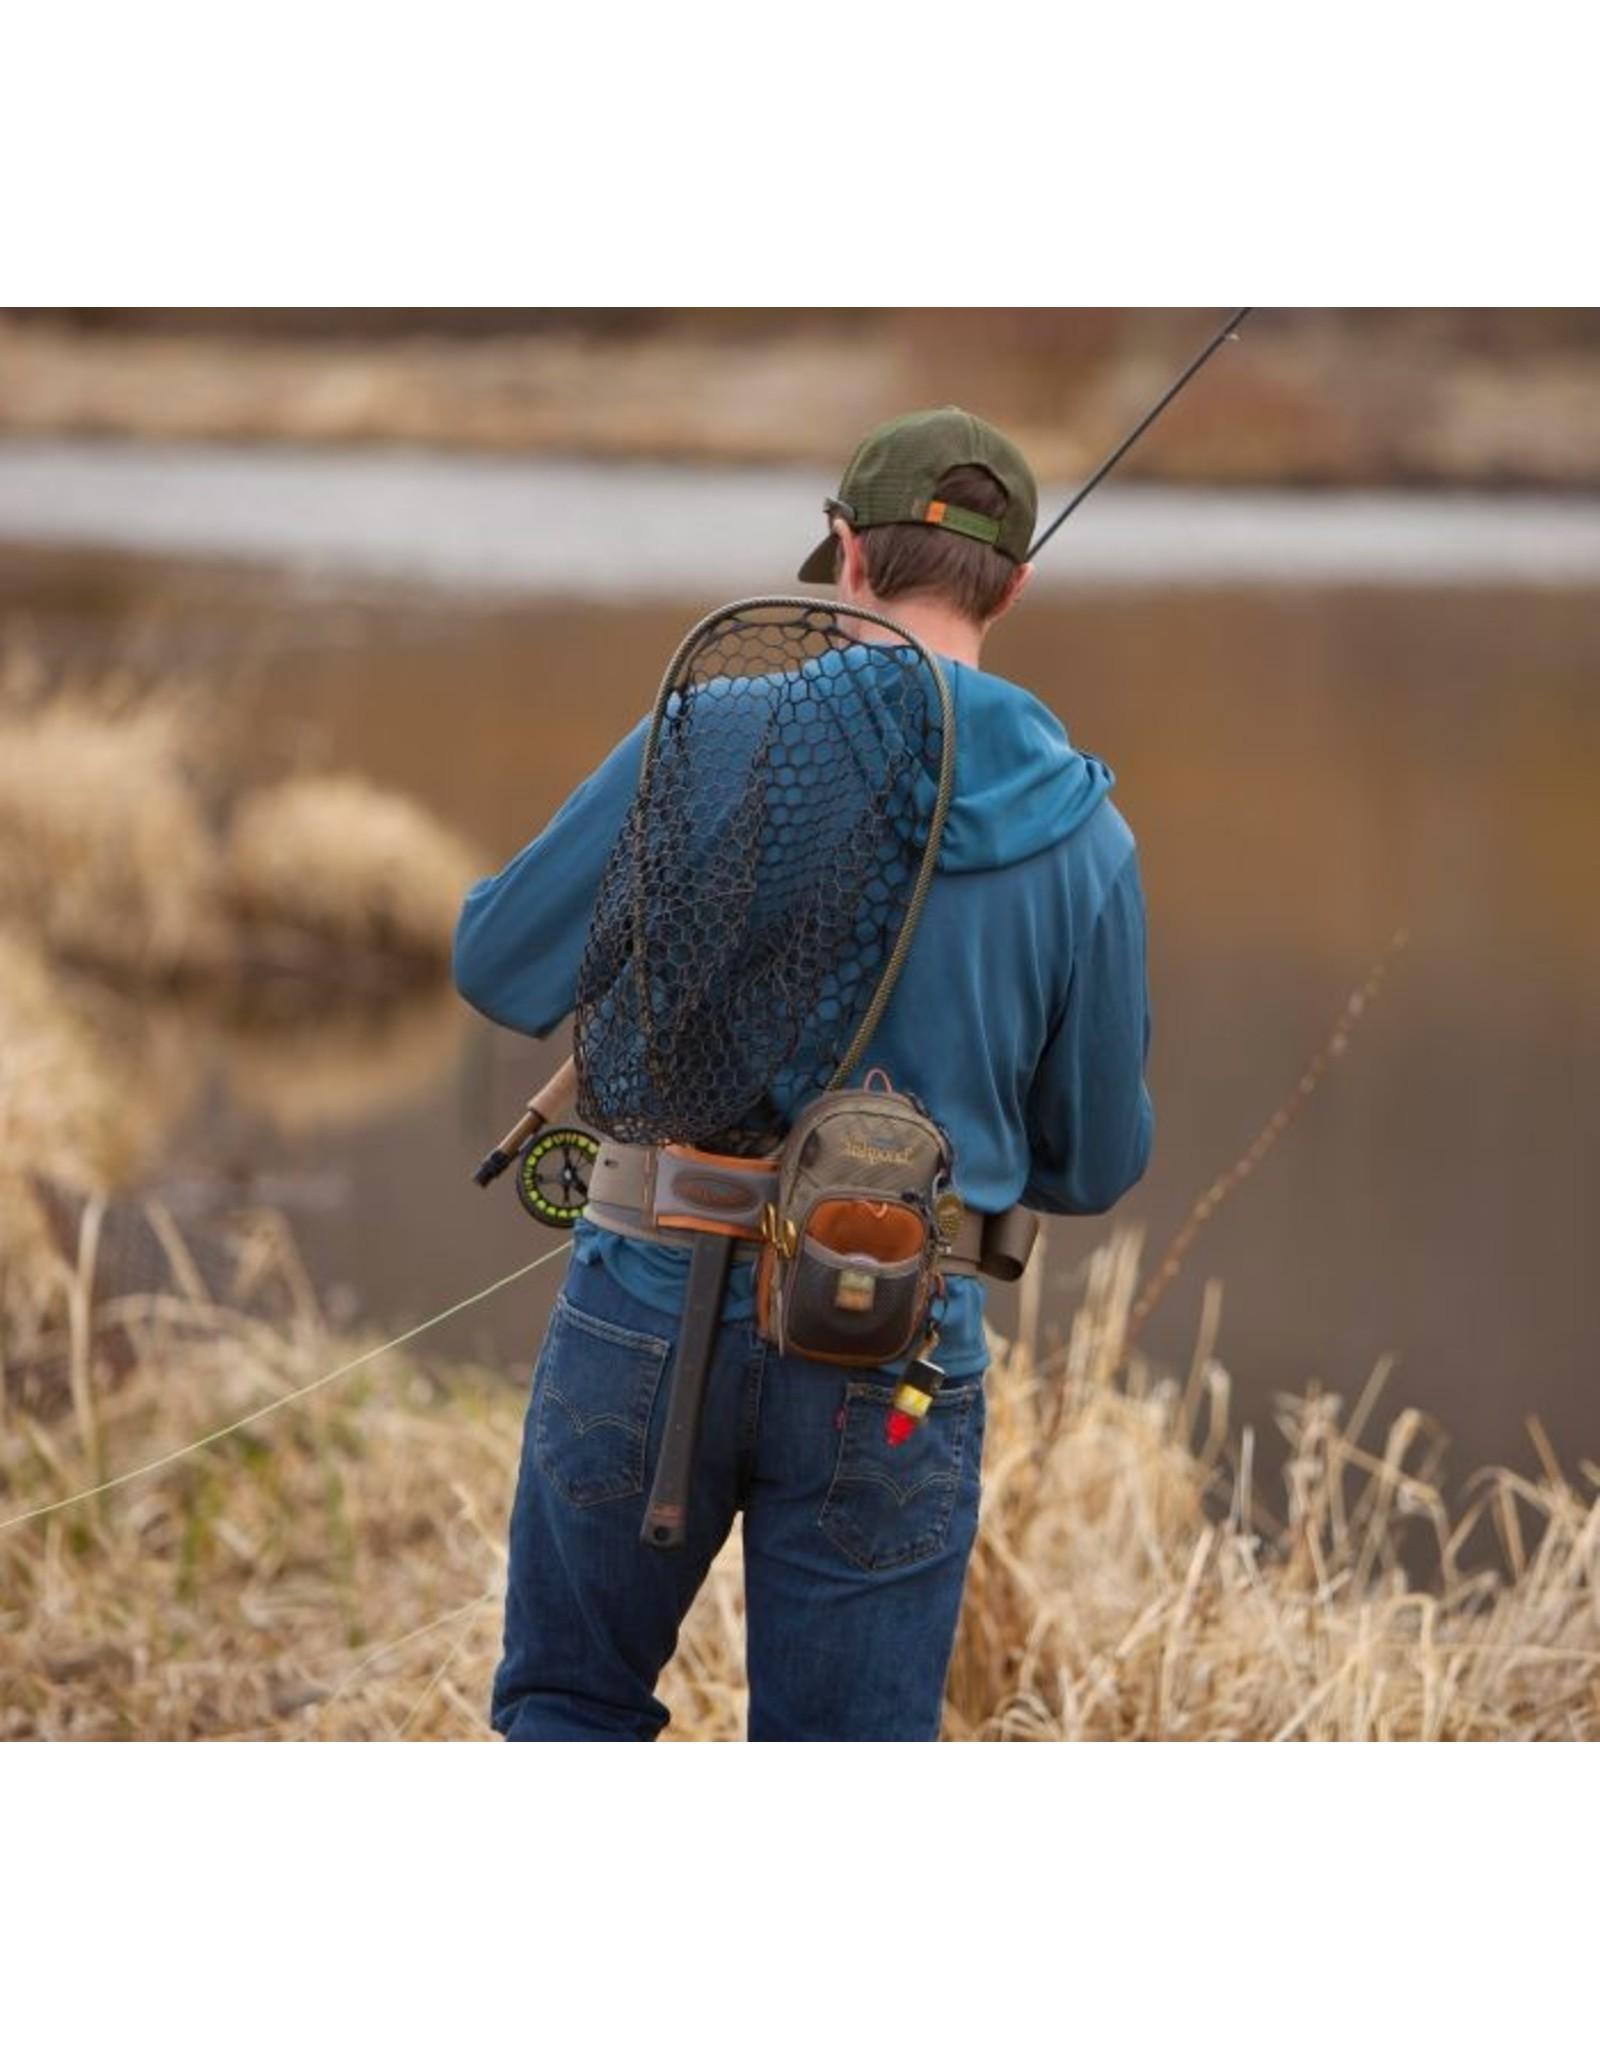 Fishpond Fishpond - Westbank Wader Belt